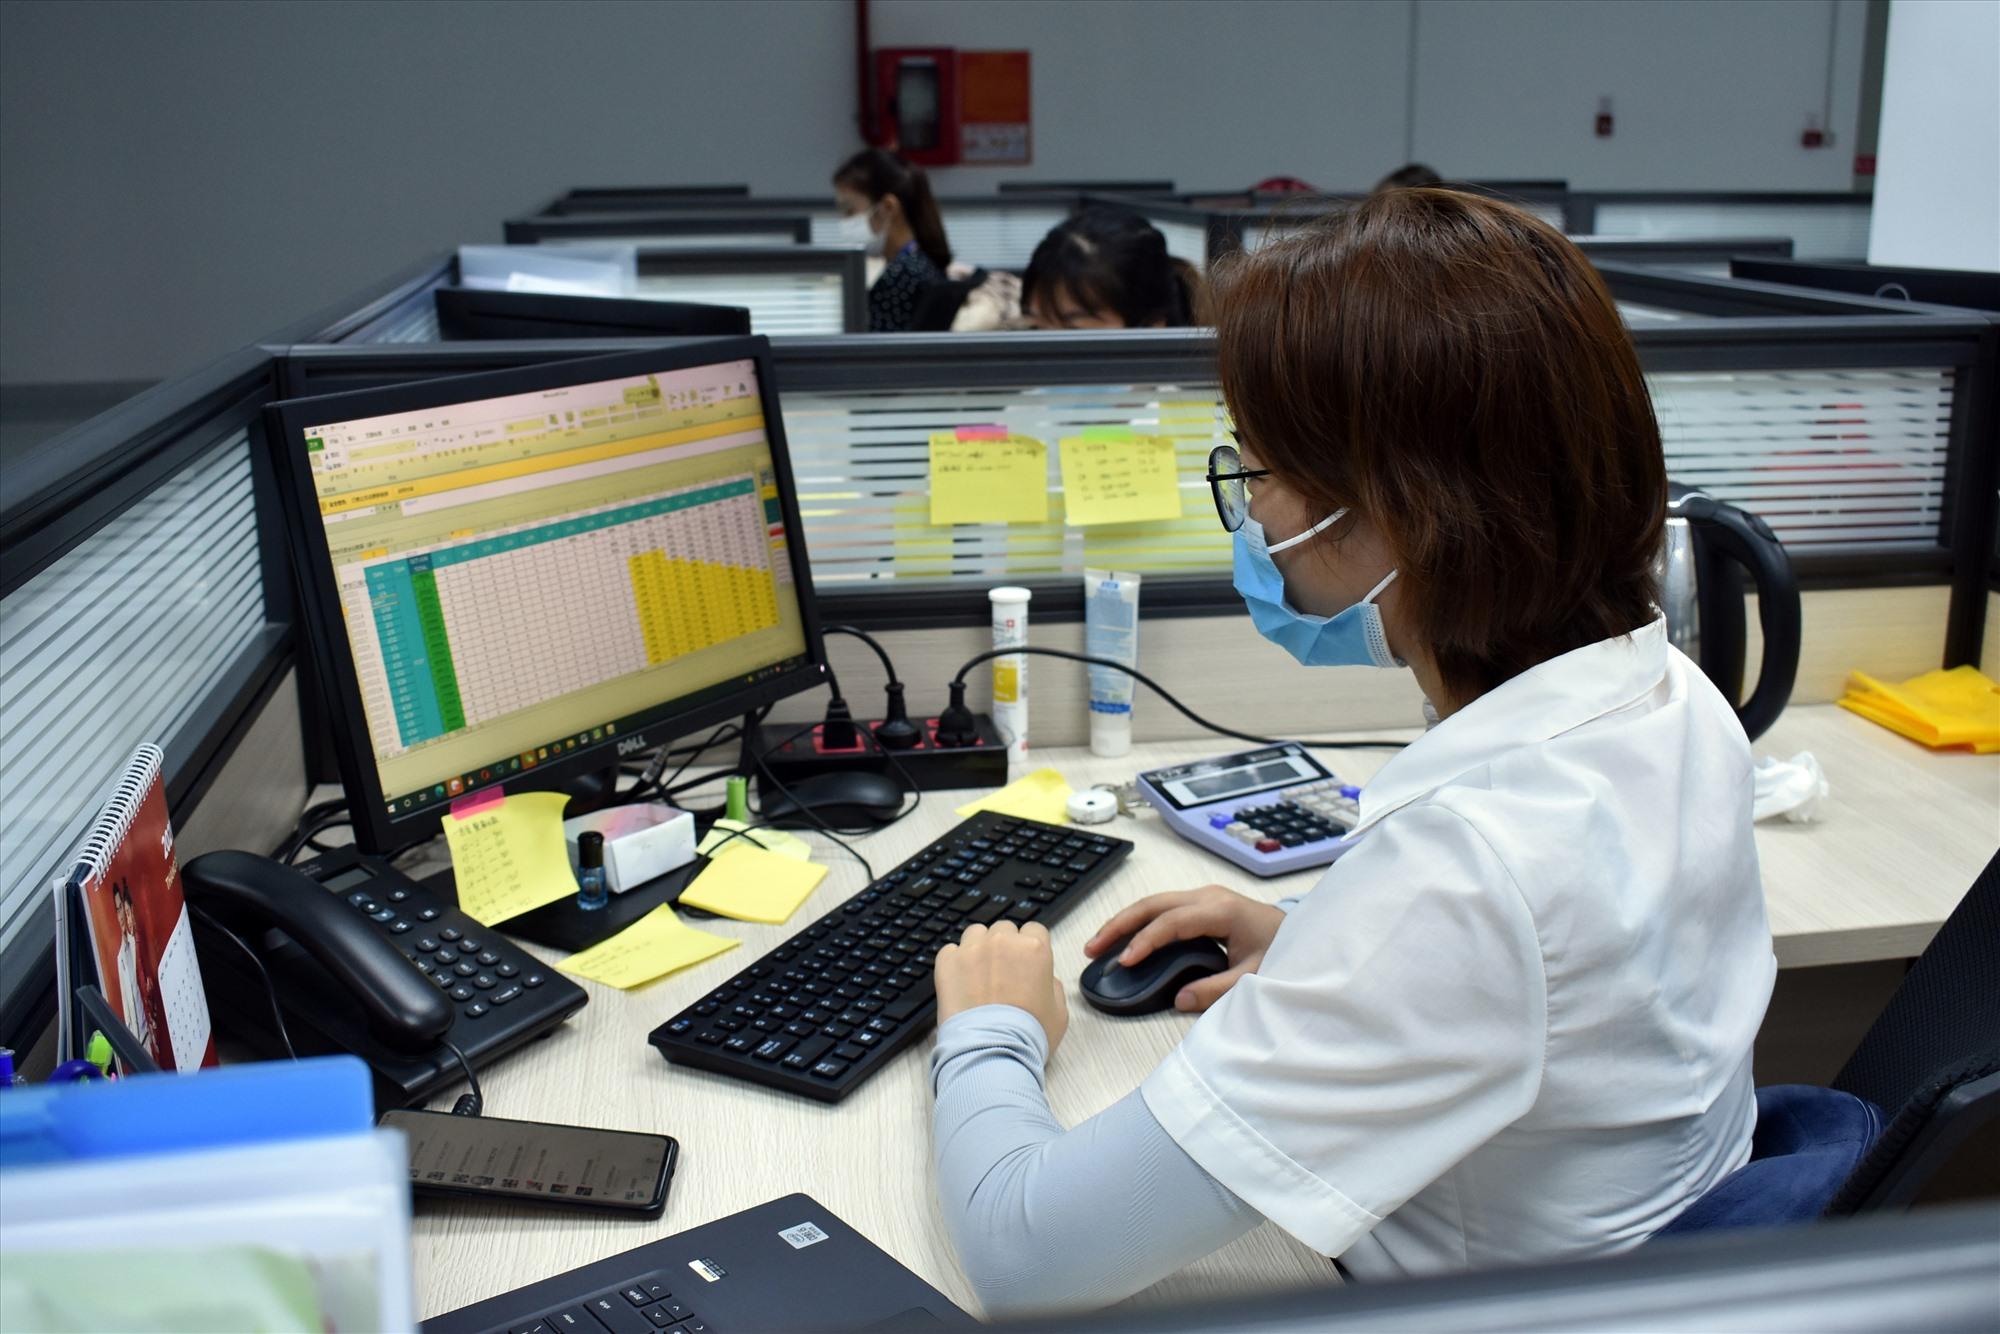 Nhiều doanh nghiệp Quảng Nam đã hoạt động trở lại sau thời gian tạm đóng cửa.Ảnh: V.L